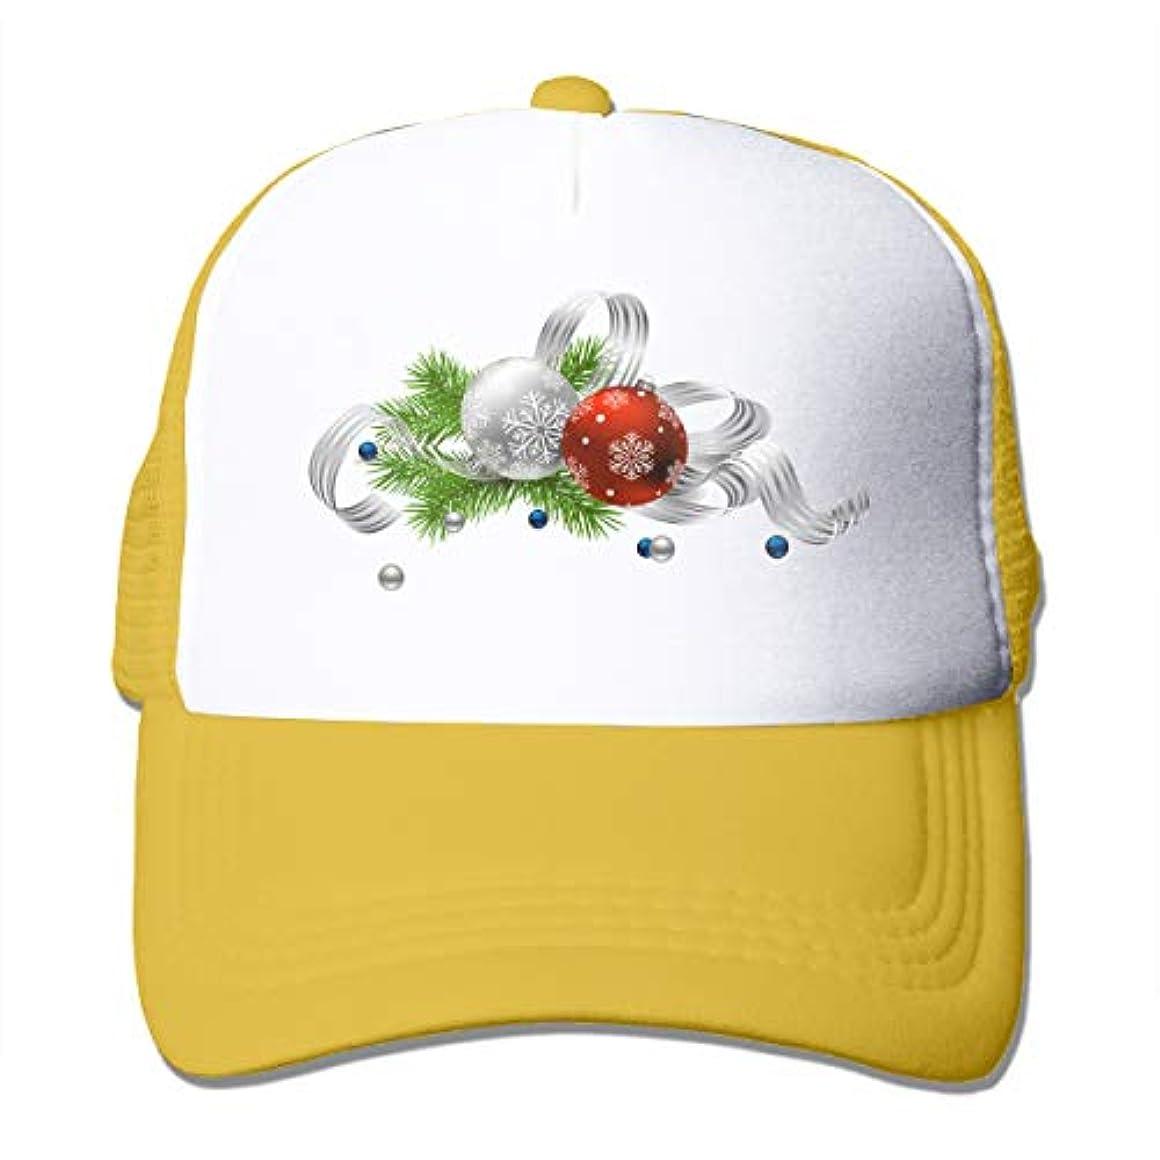 行為買い手講師トラック運転手の帽子ポリエステル快適で 毎日のお出かけ Essential Oil Christmas Tree Black